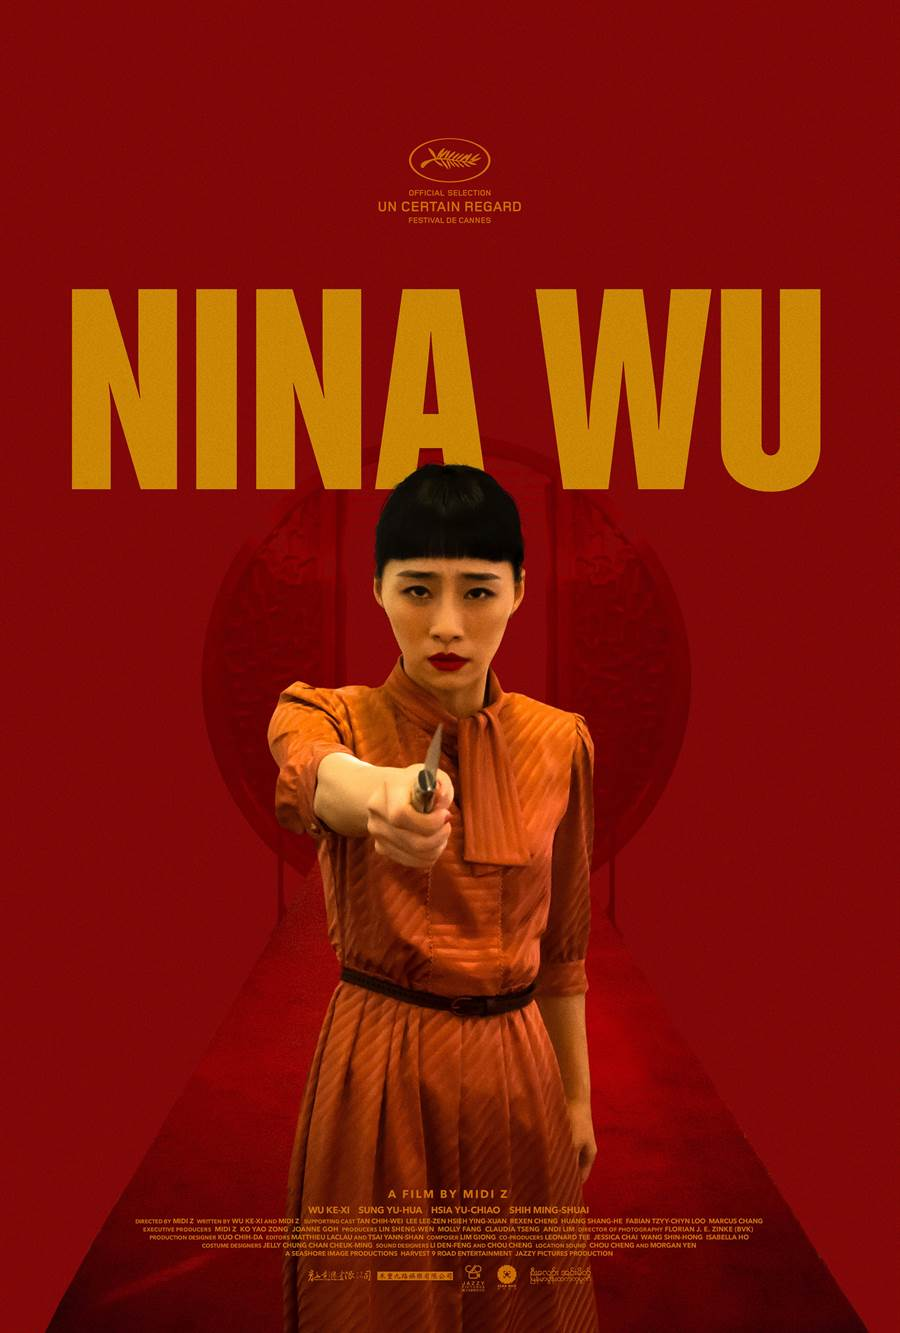 《灼人秘密》國際版海報由好萊塢海報設計師Erik Buckham操刀,血紅背景,營造出女性復仇的懸疑感。(岸上影像提供)